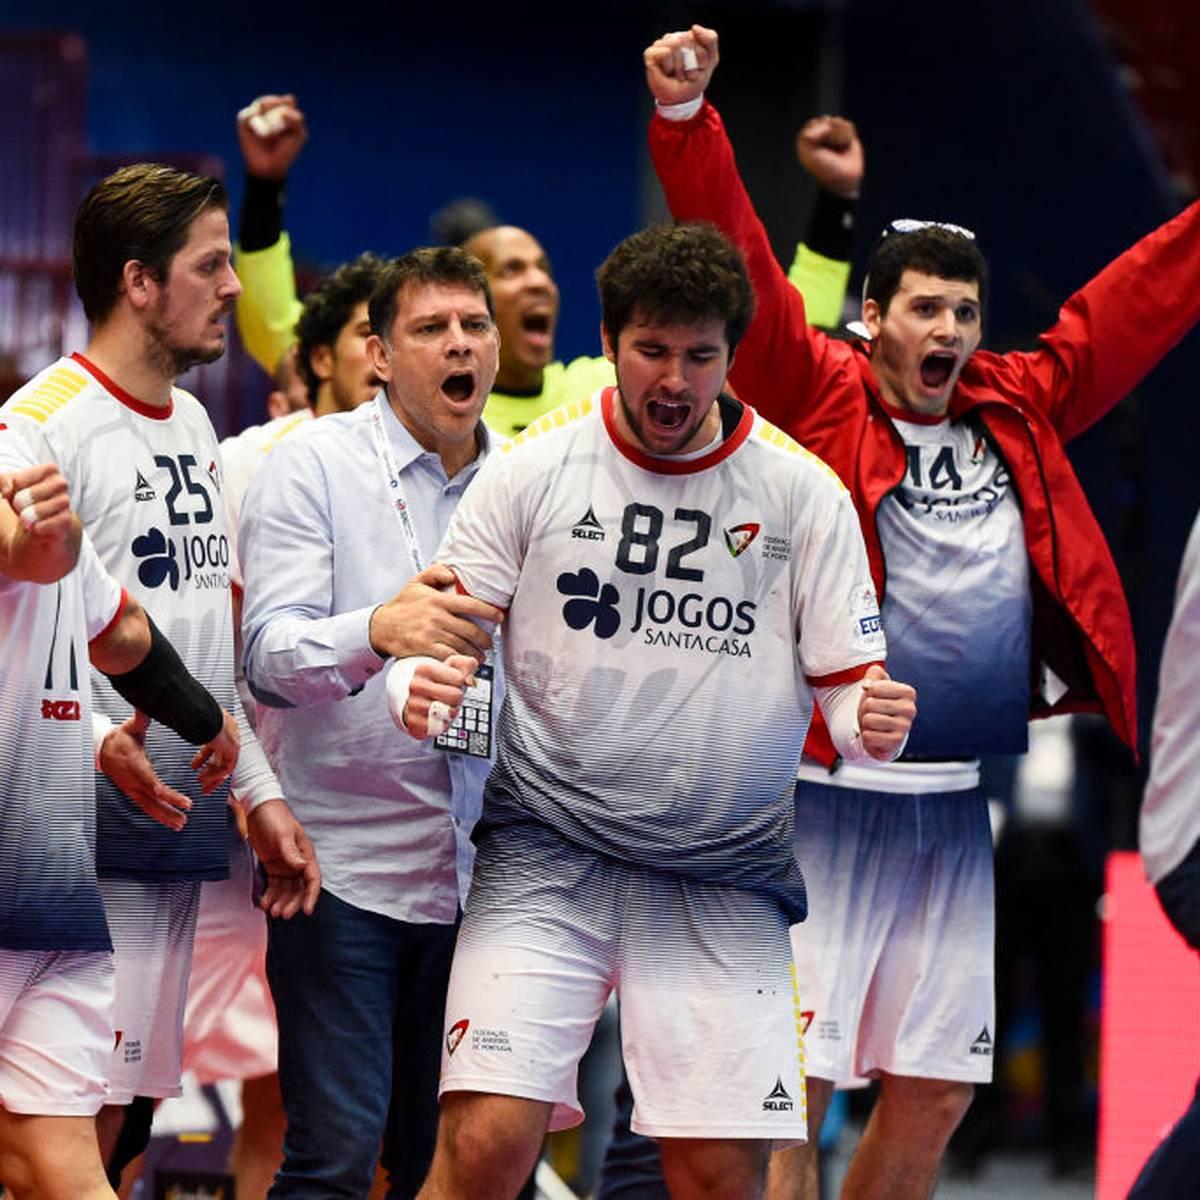 Wird Portugal zur Handball-Macht?